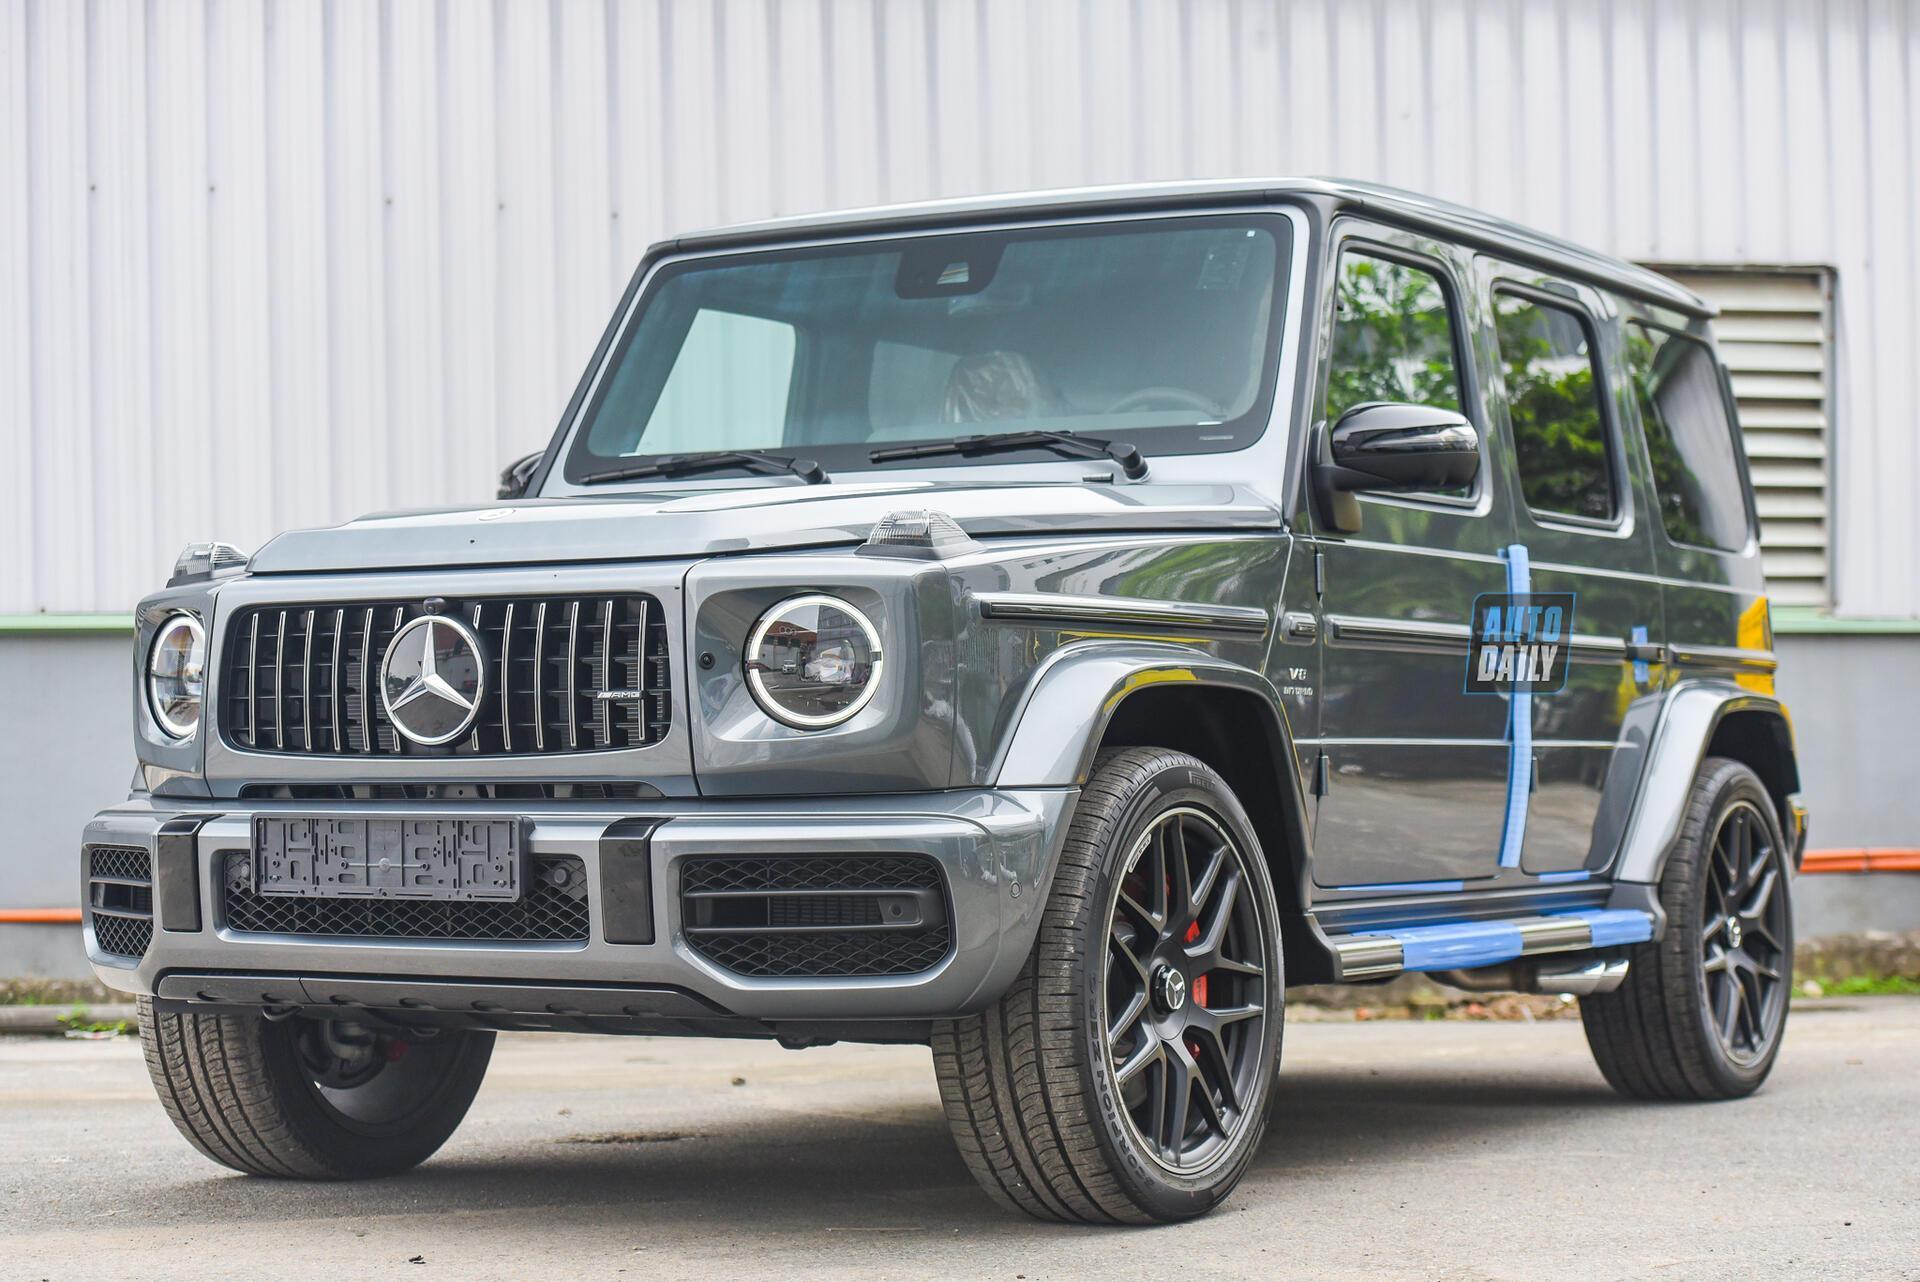 Ảnh chi tiết Mercedes G63 AMG 2021 bản cá nhân hoá giá khoảng 12 tỷ [3]